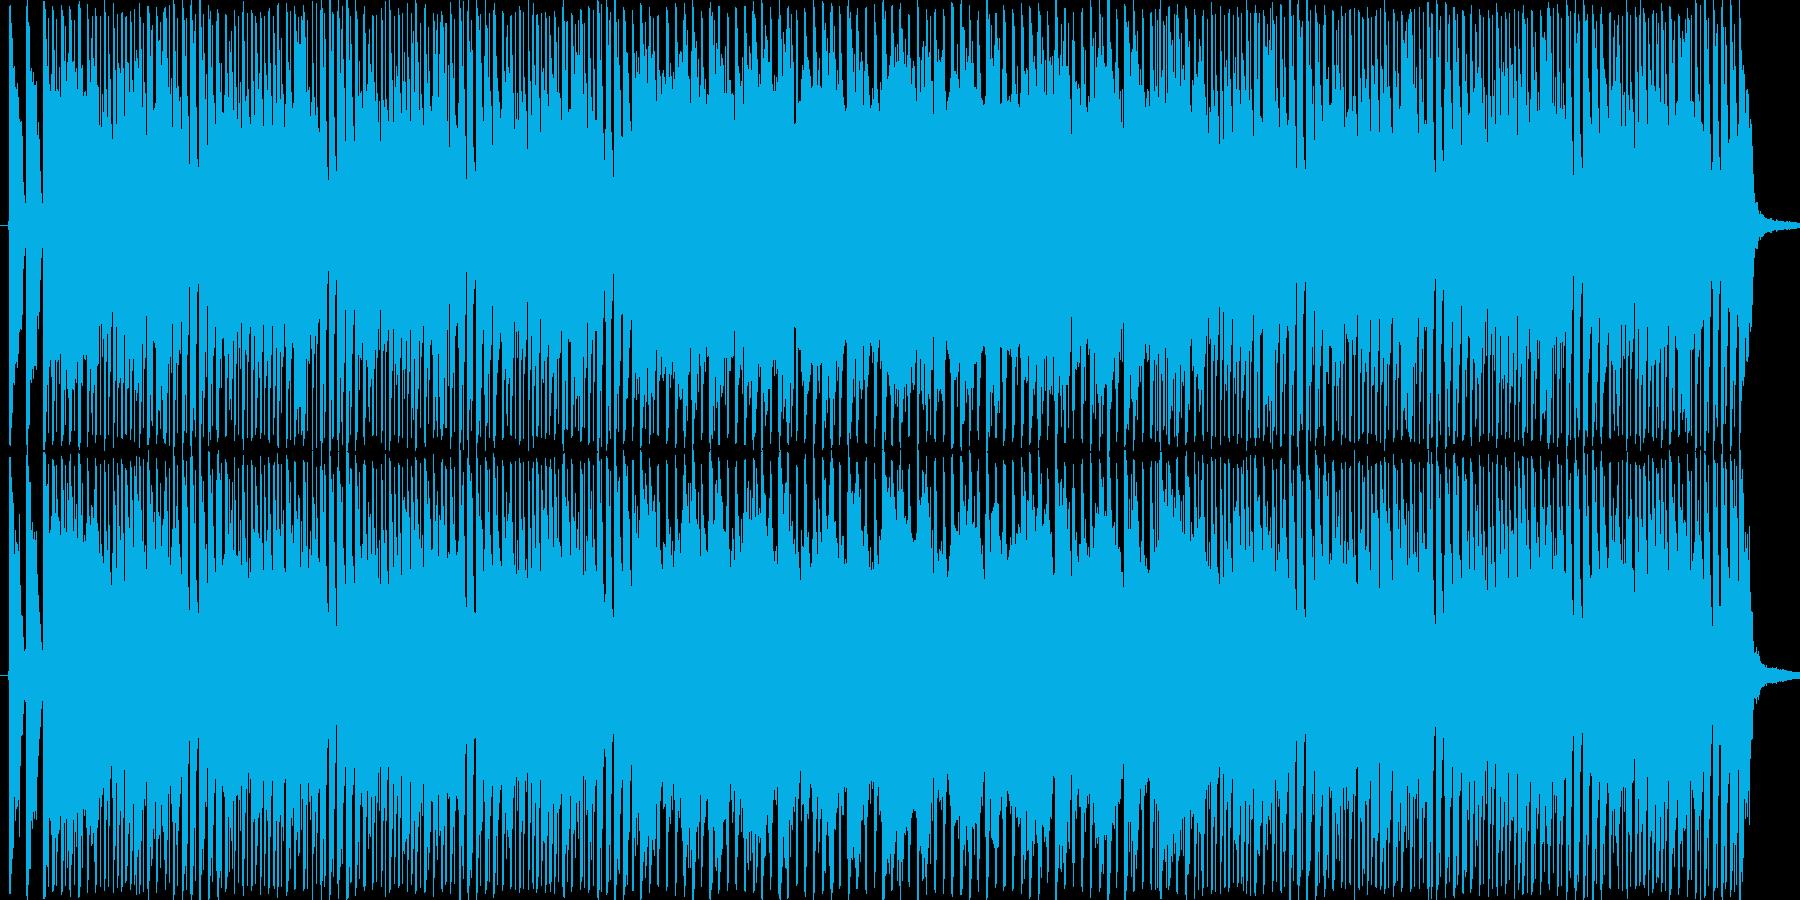 マーチング風ブラスセクション の再生済みの波形